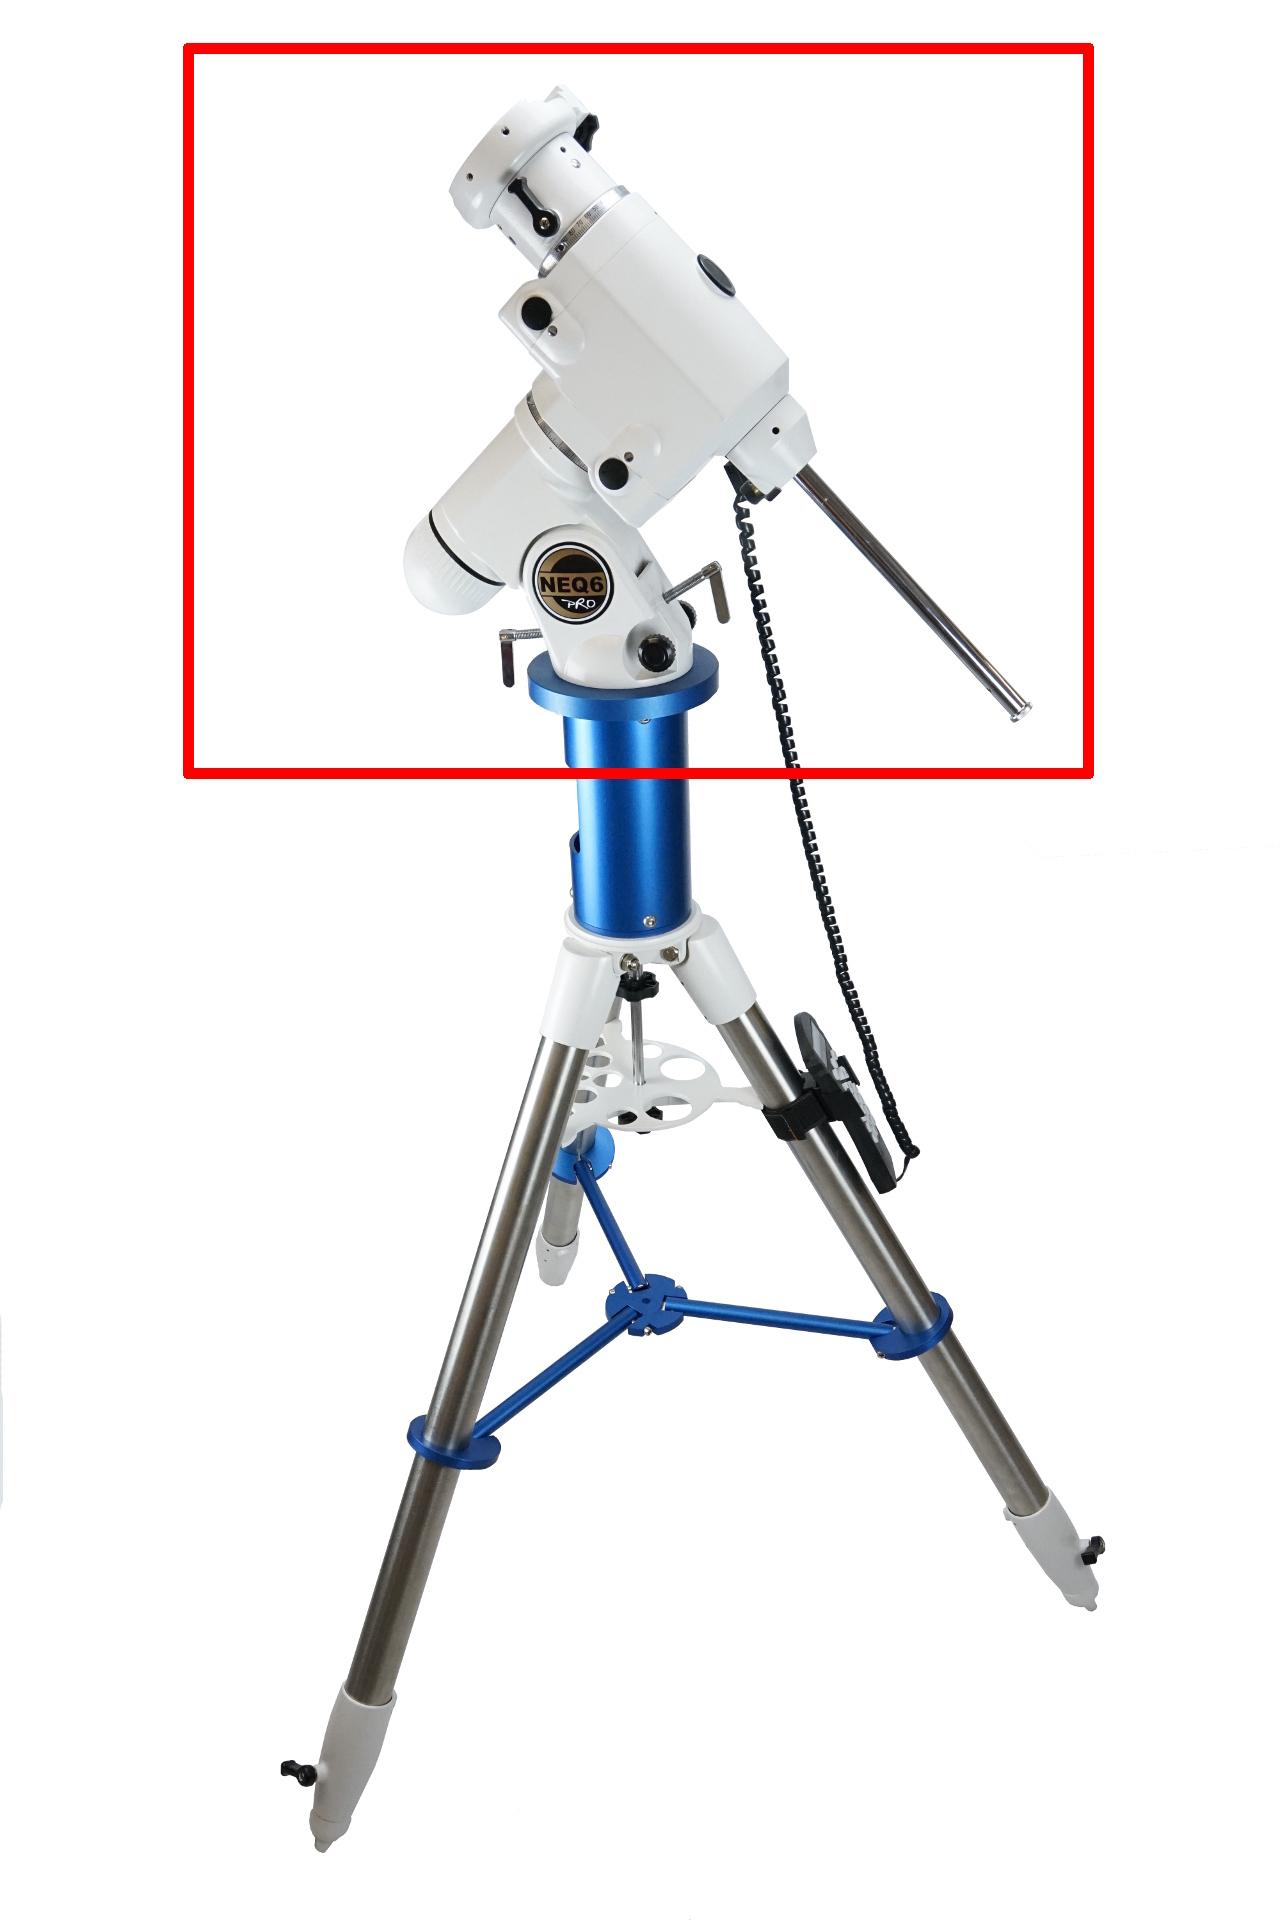 Astronomy Expert modifica interna montatura EQ6